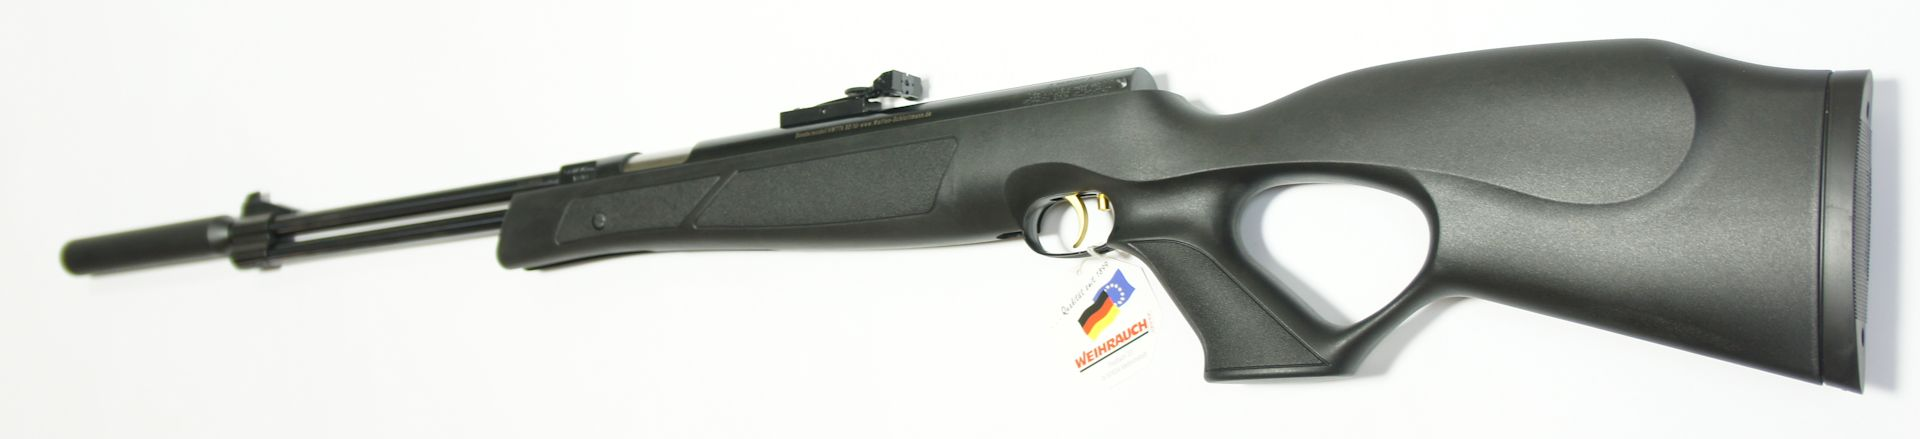 Luftgewehr HW 77 black line  mit Zielfernrohr, Laufgewinde und Schalldämpfer